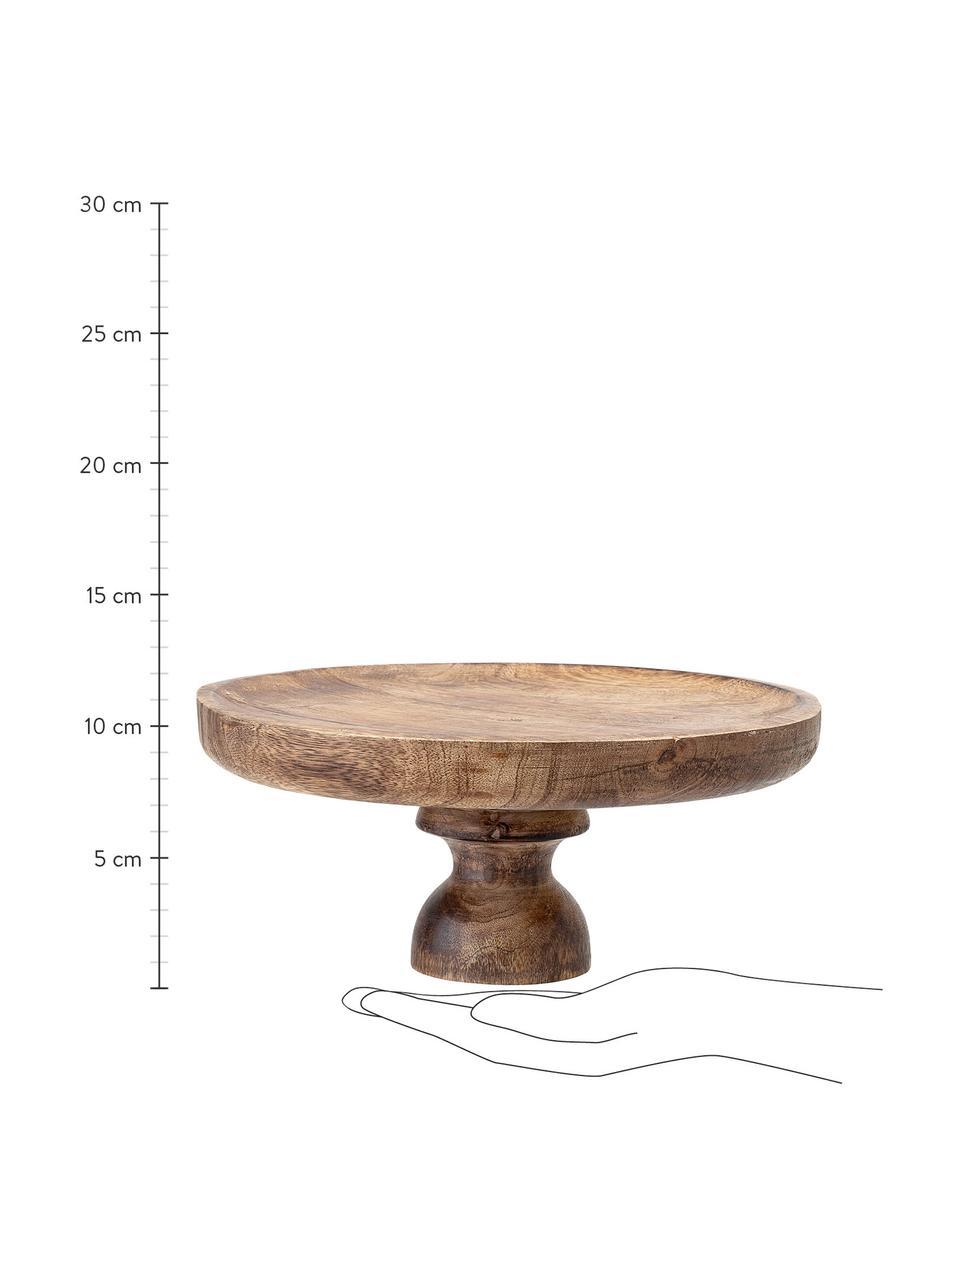 Plat à gâteau bois de manguier Justar, Ø24cm, Brun